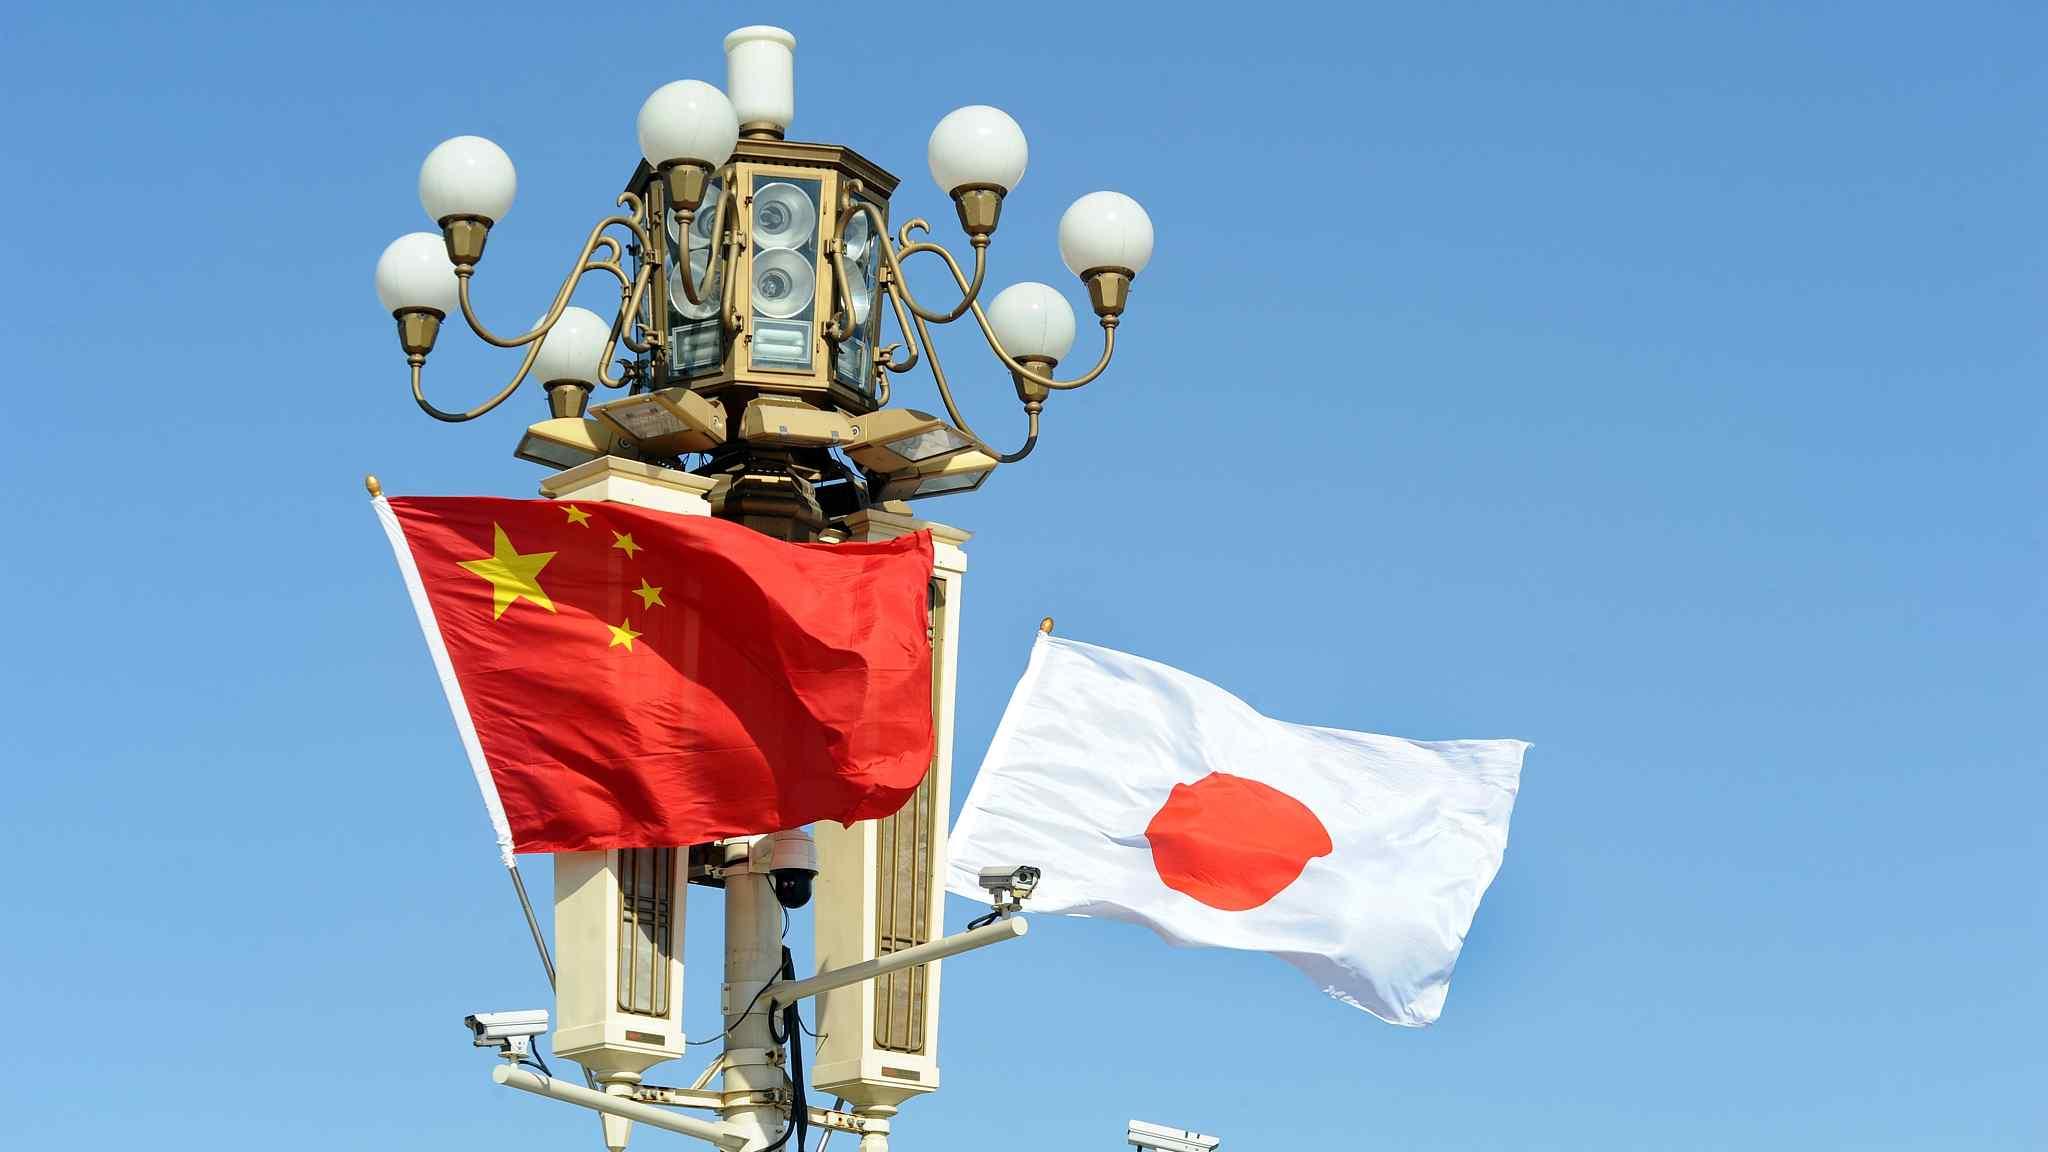 President Xi congratulates Japan's new emperor